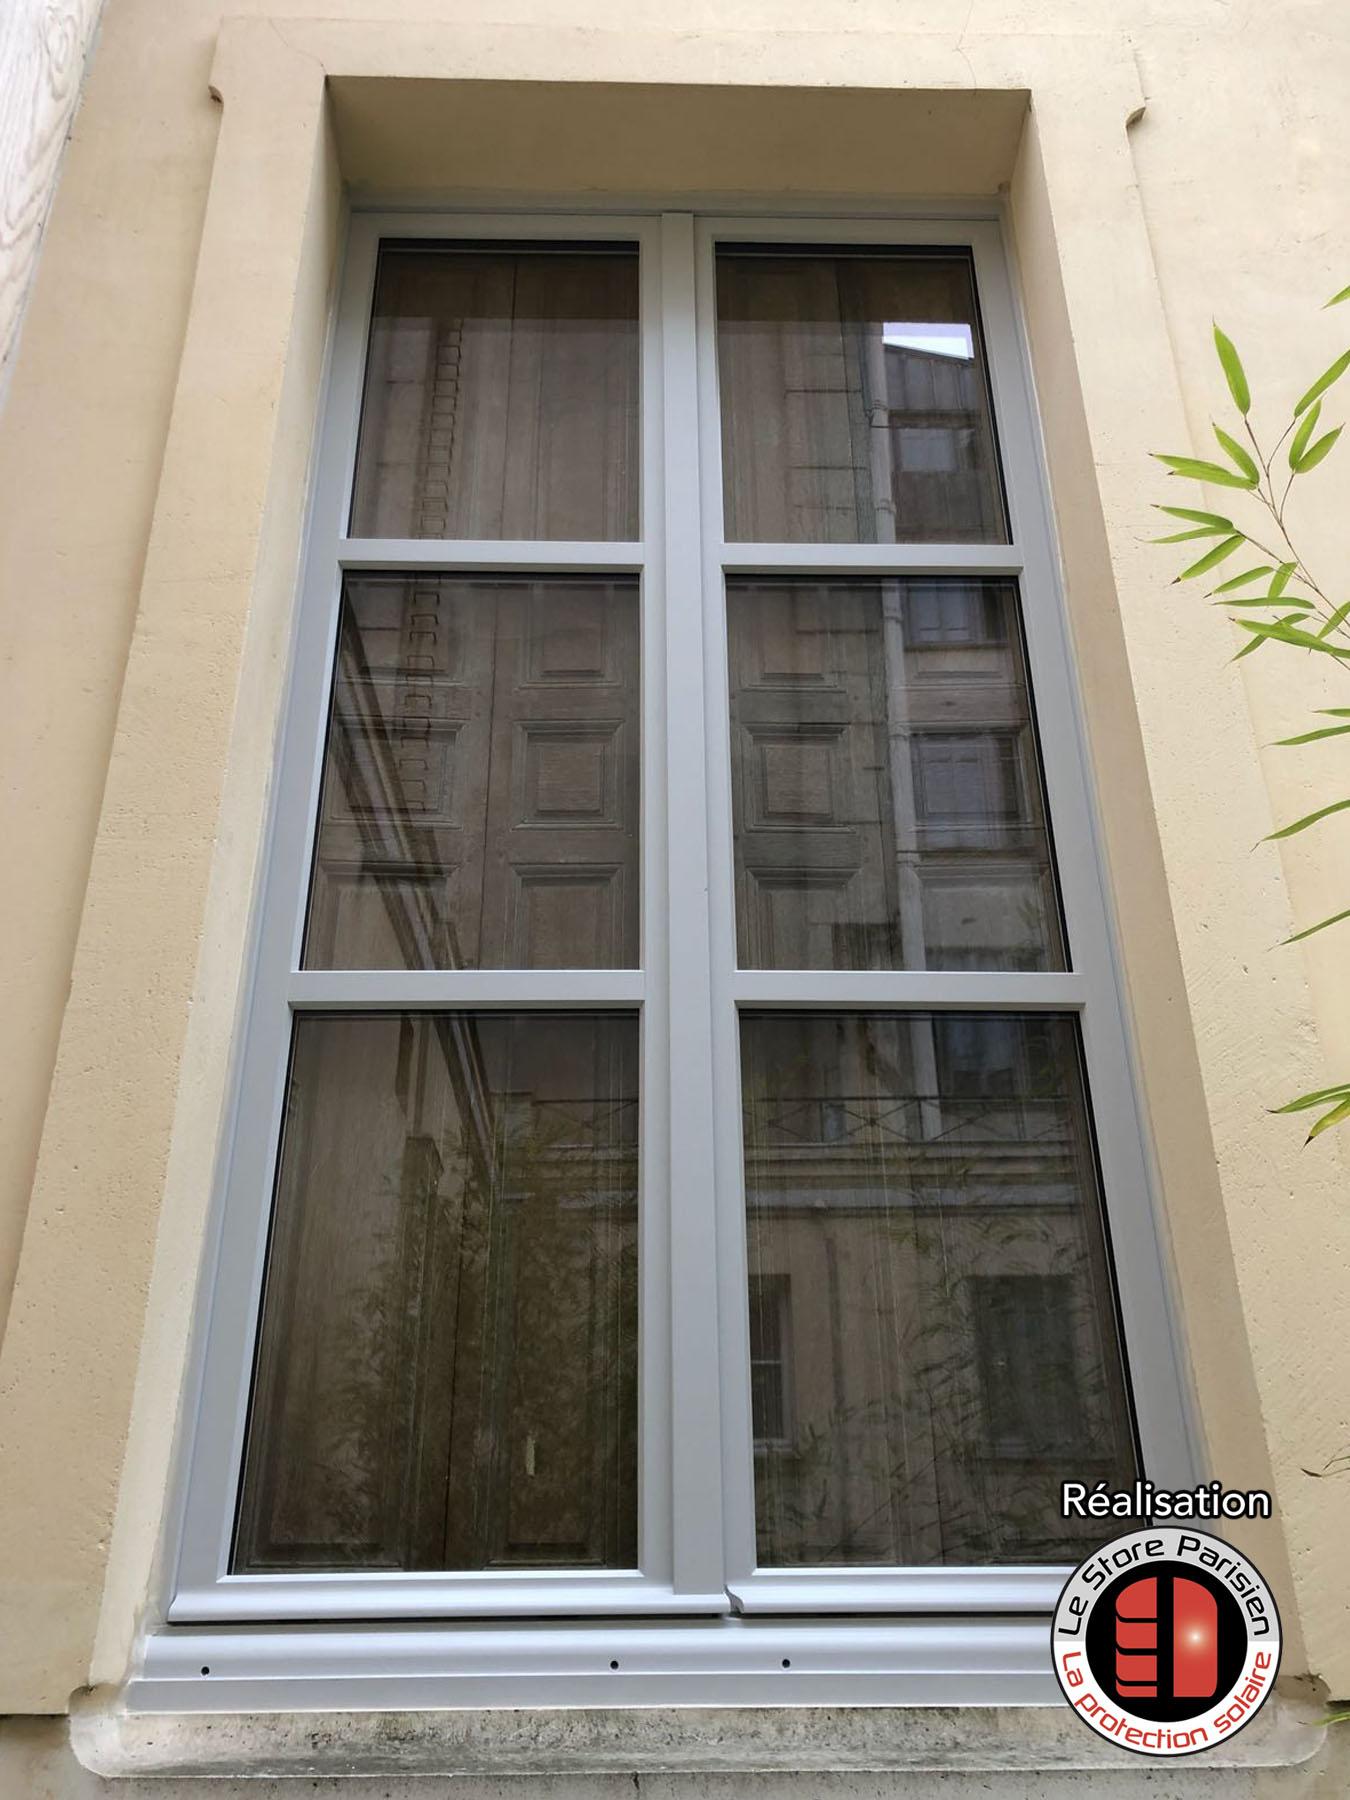 Renovation Volets Bois Paris le store parisien : fenêtres haussmanniennes en bois sur